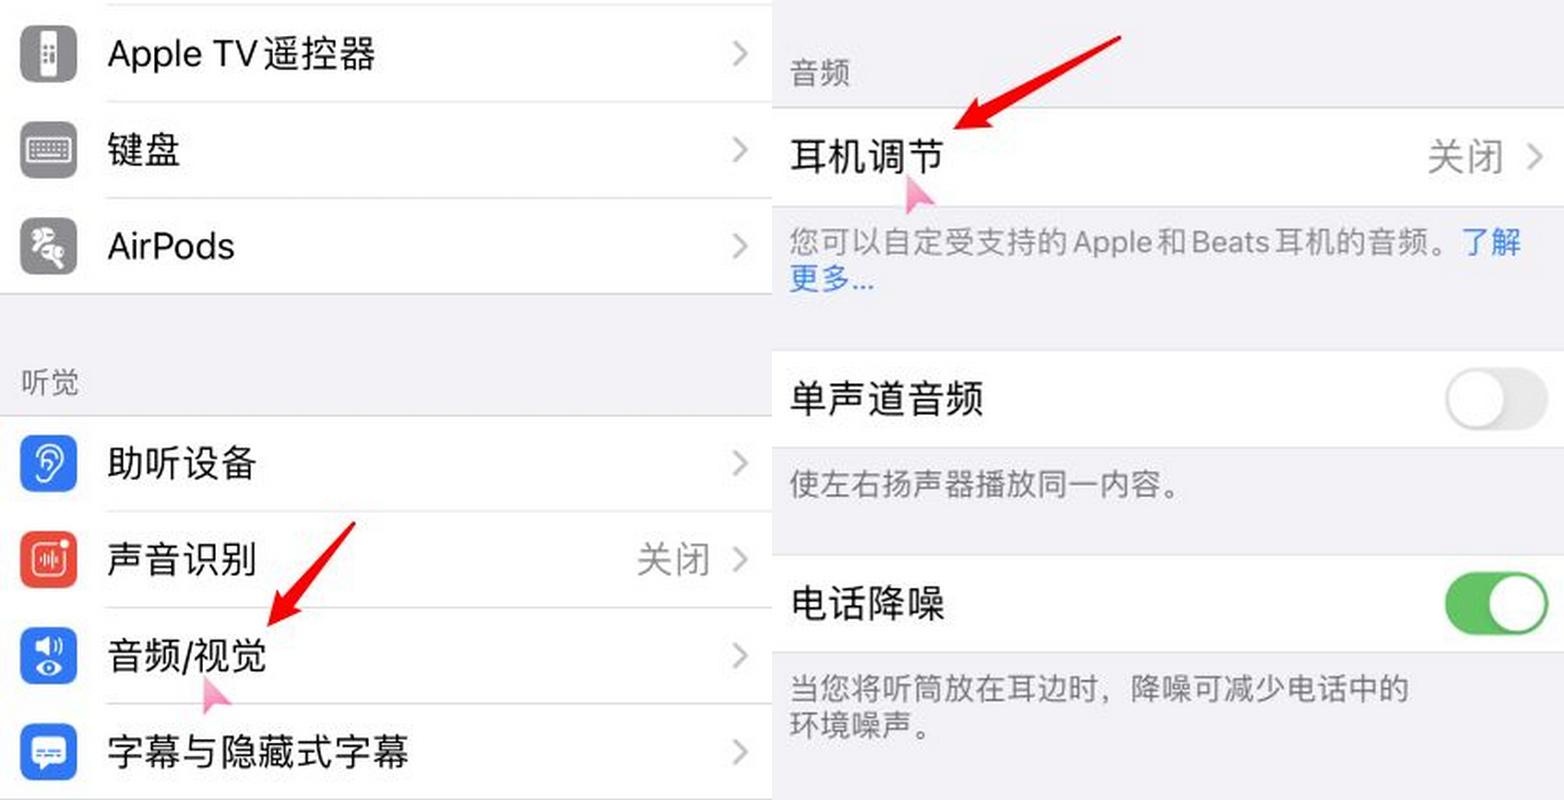 iOS 14 耳机调节功能,提升音乐和通话音频质量